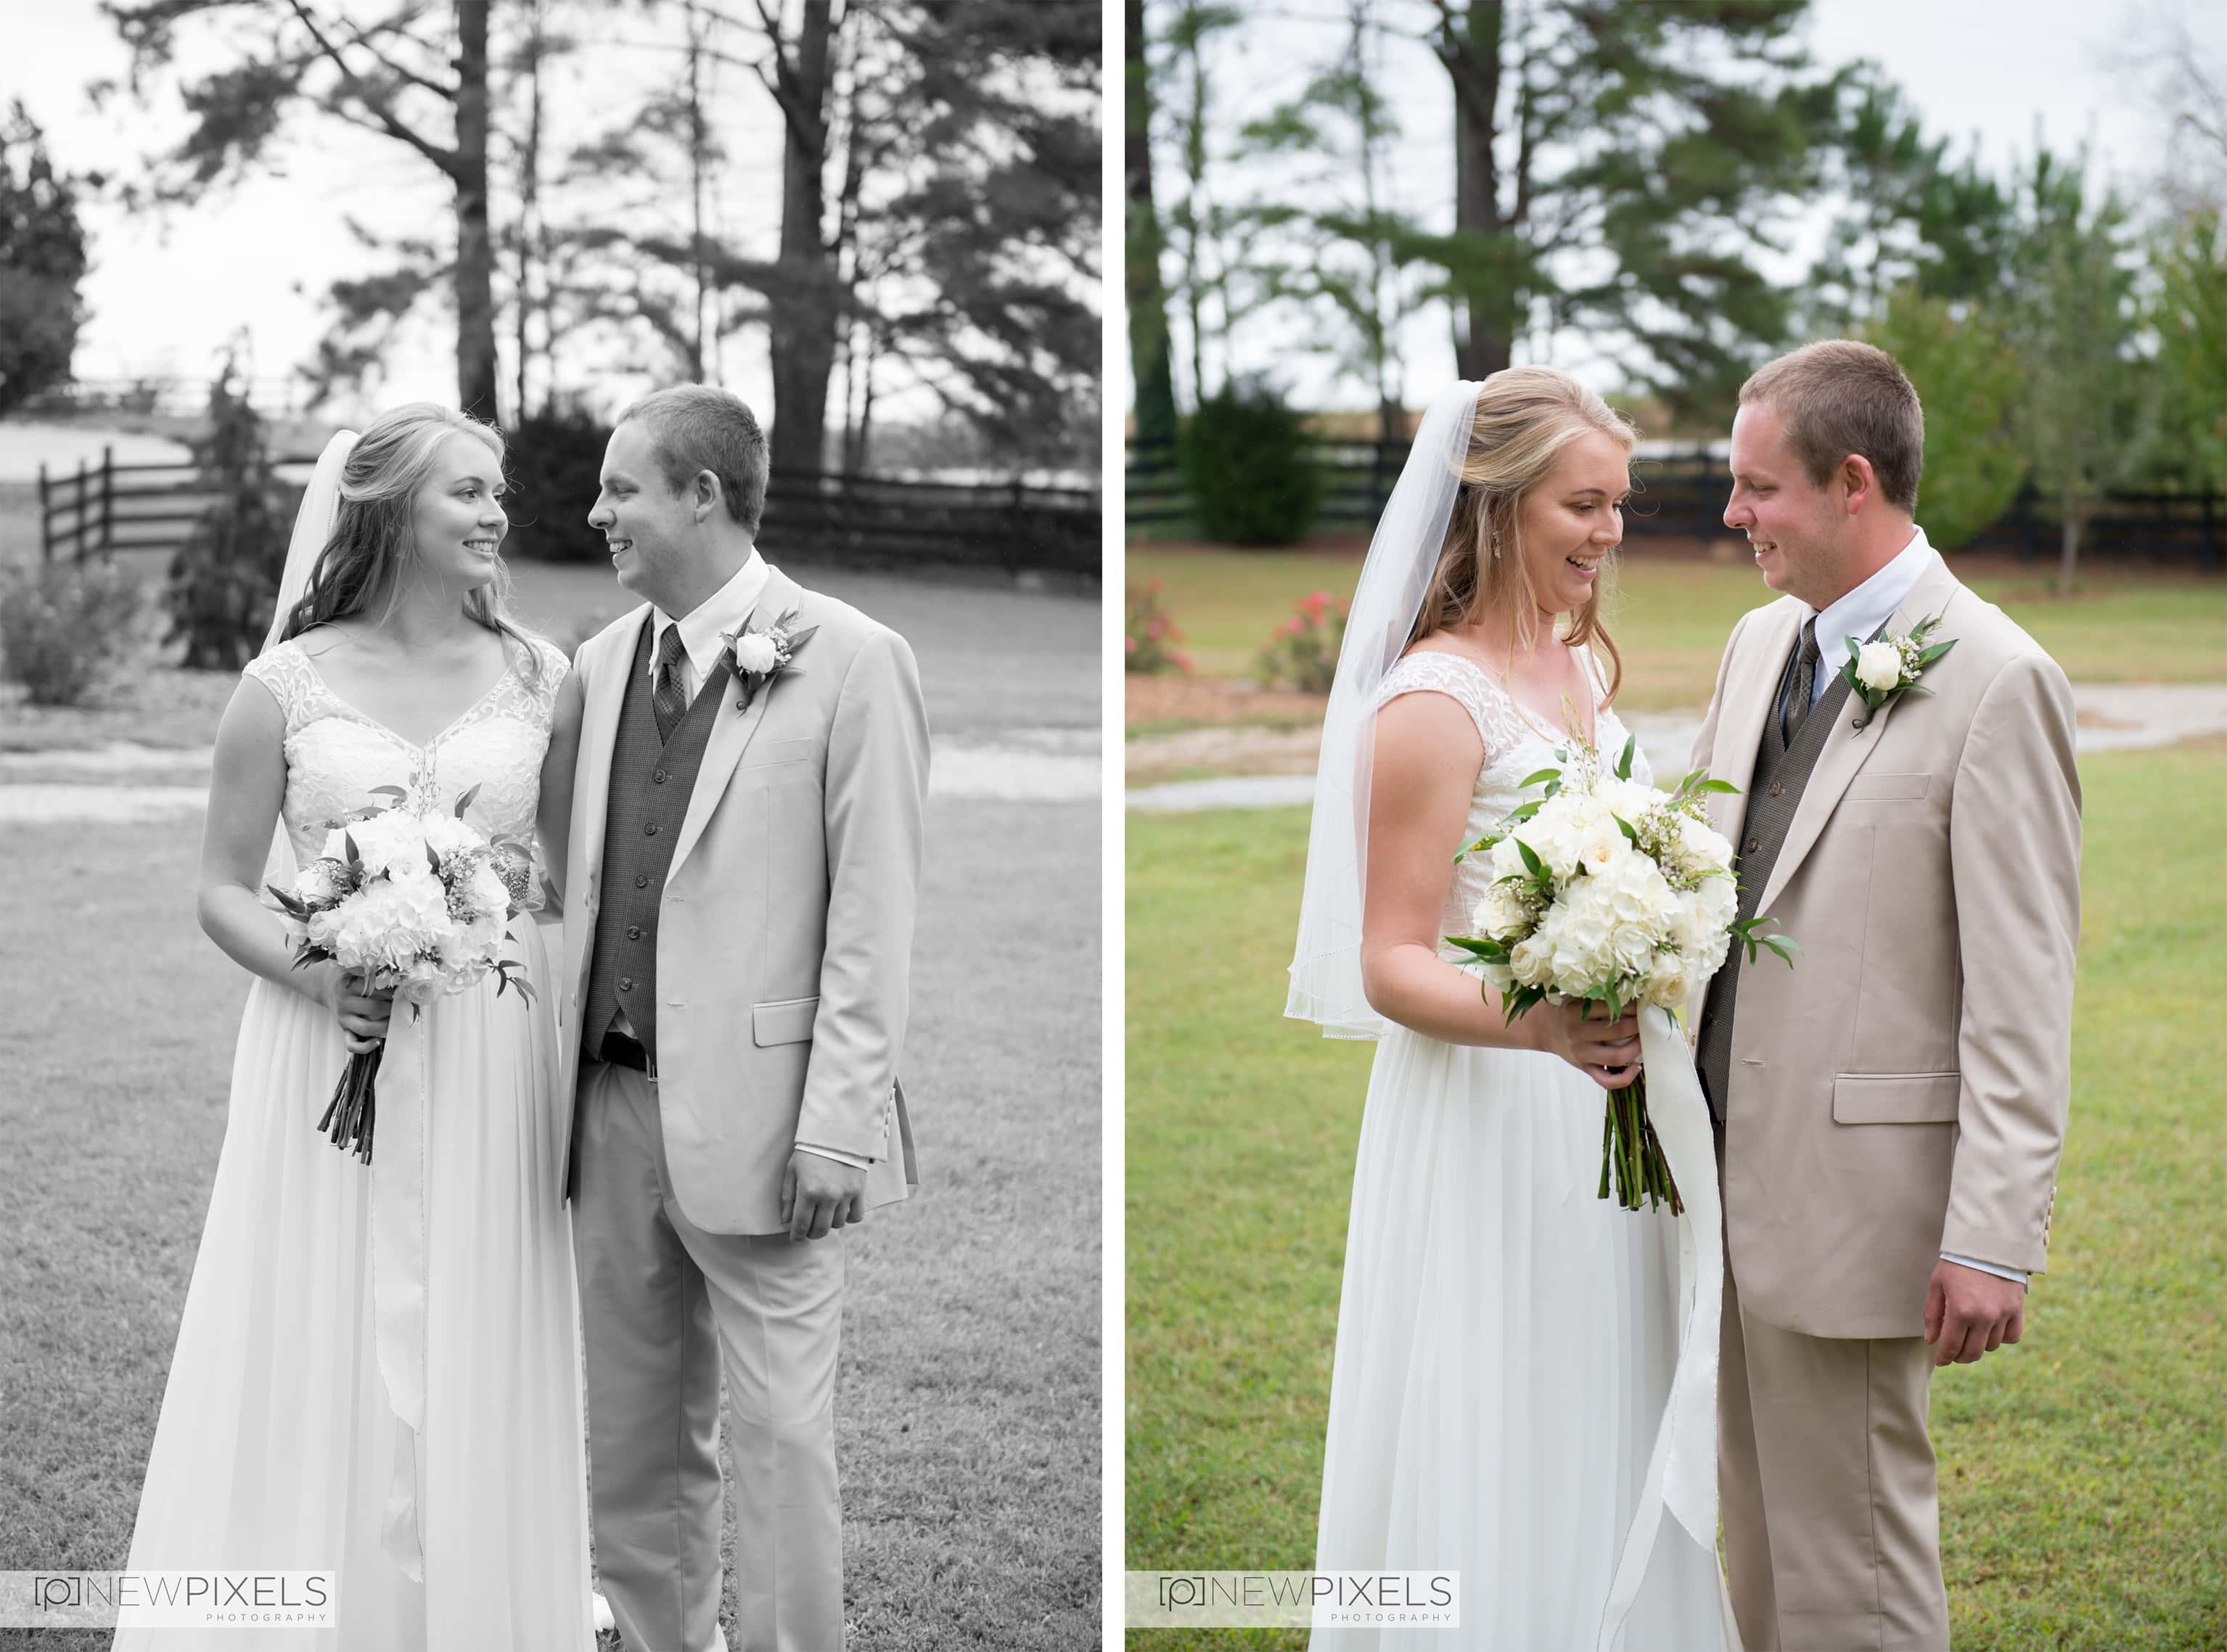 Destination Wedding Photography in Hertfordshire10